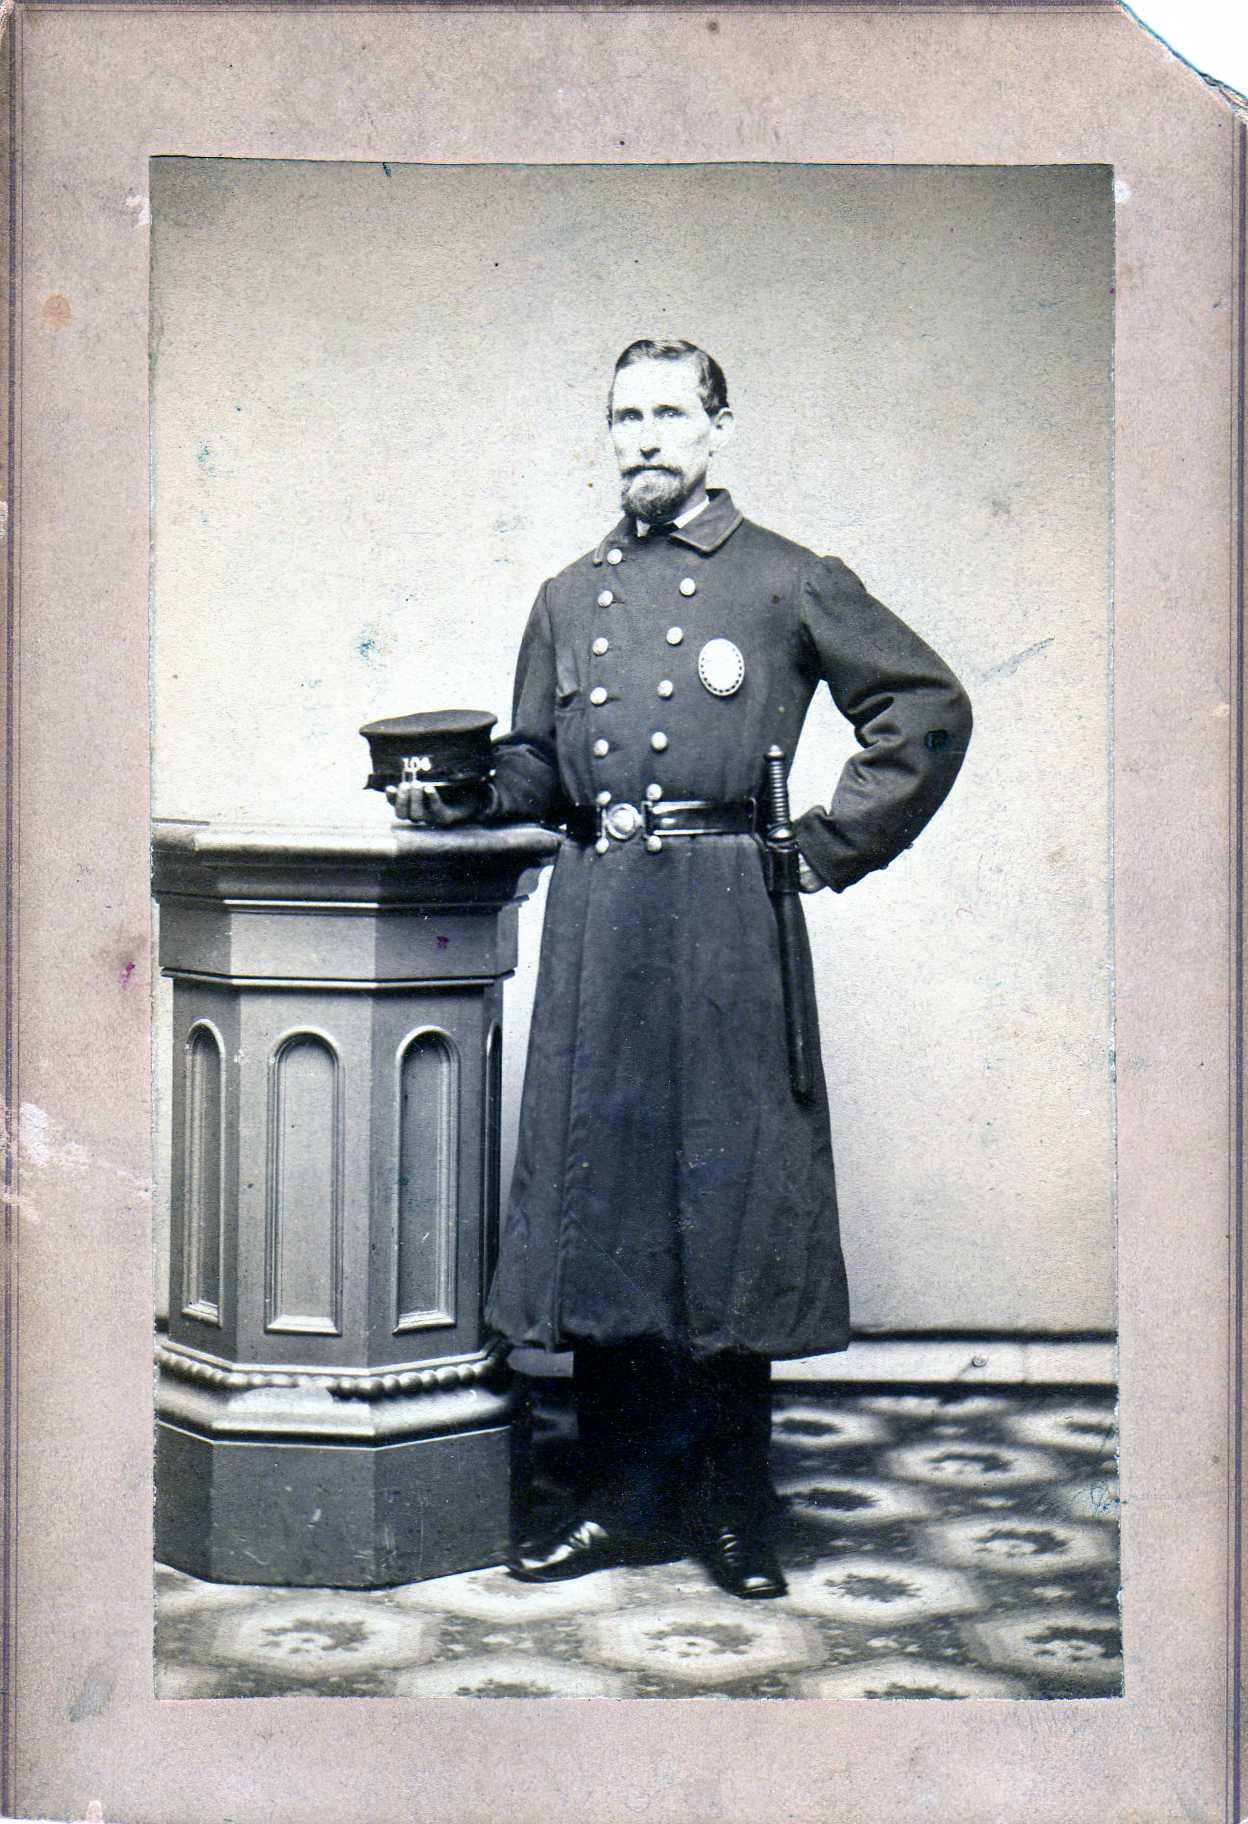 Sgt J Frederick Fred Sinskey